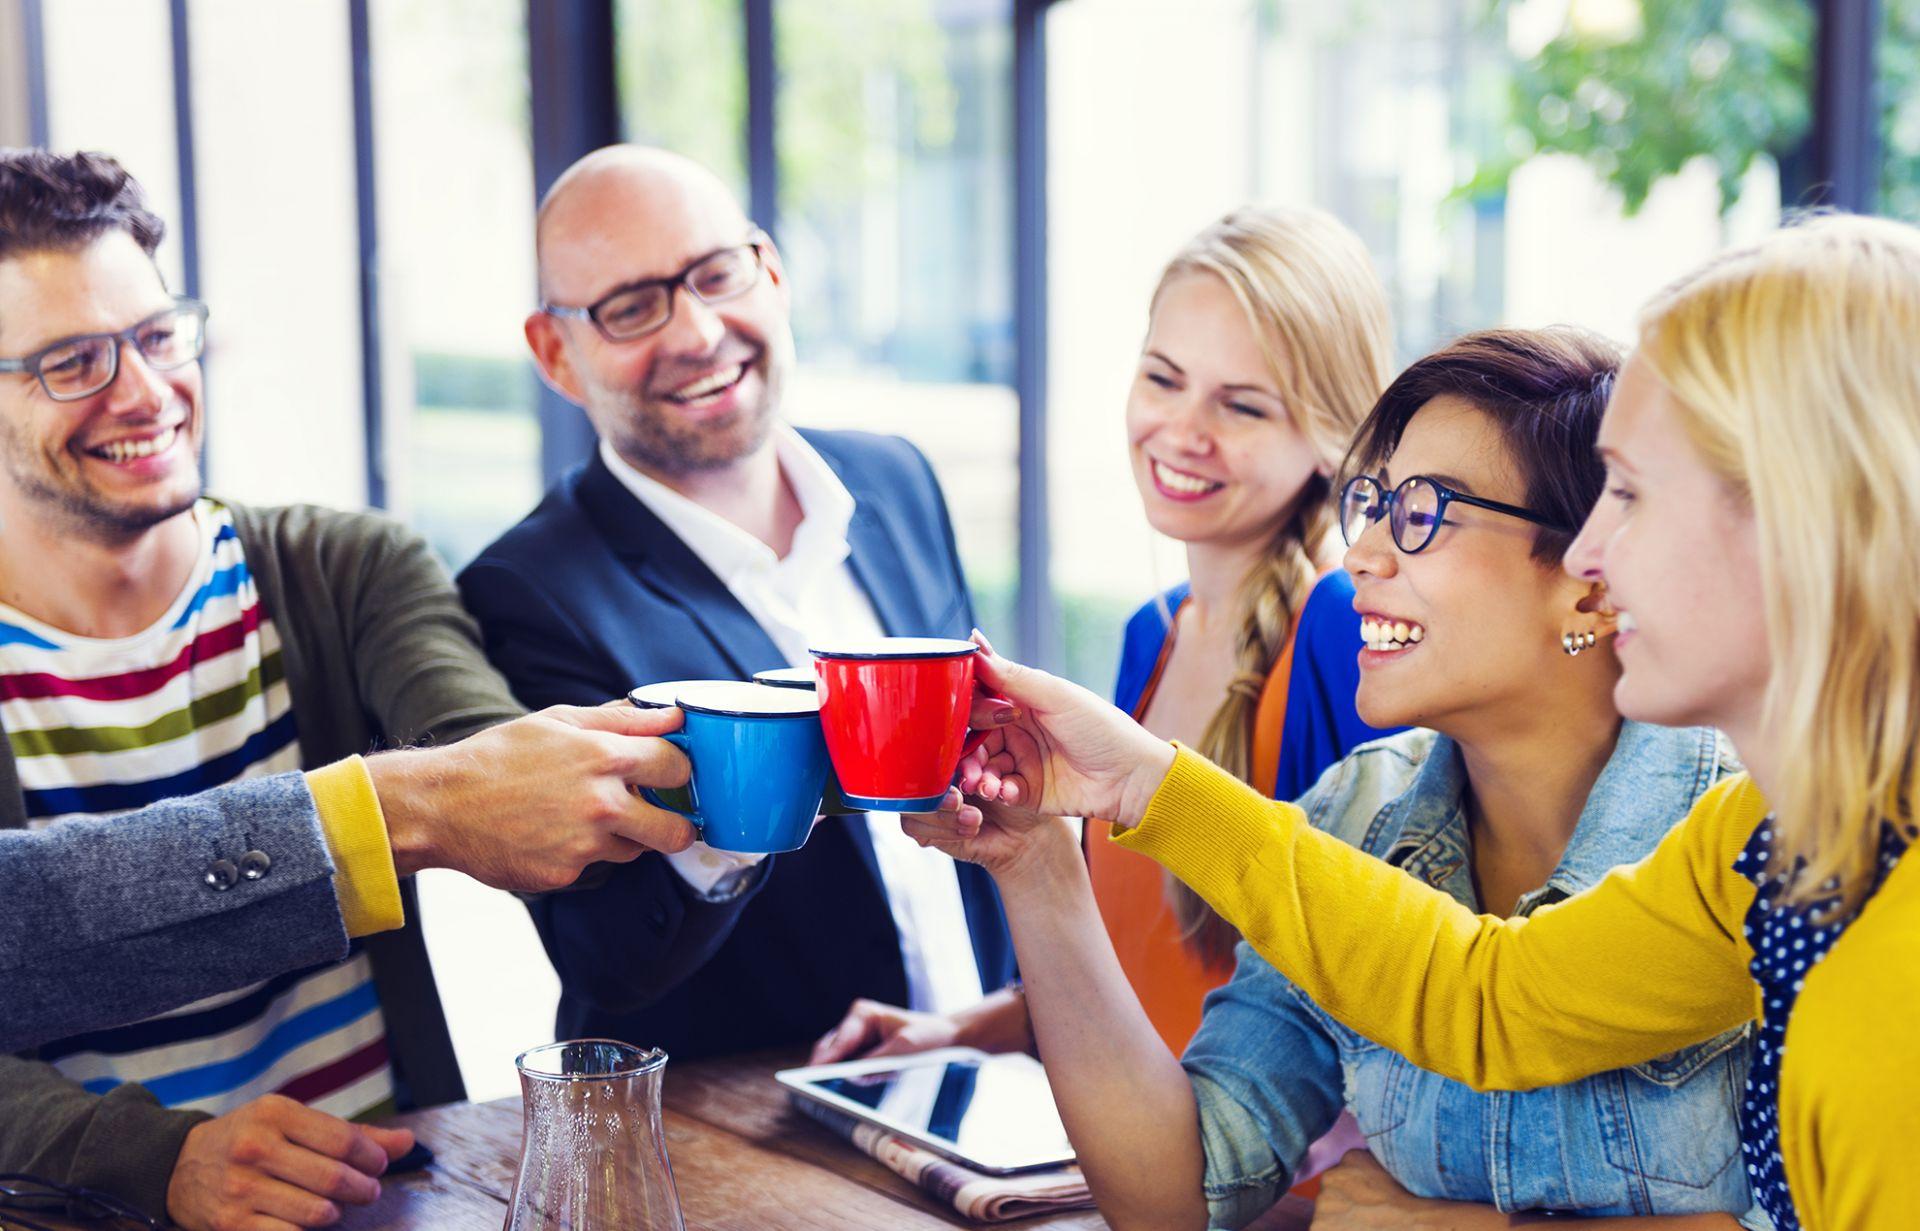 ryhmä iloisia ihmisiä kilistelee kahvikupeilla